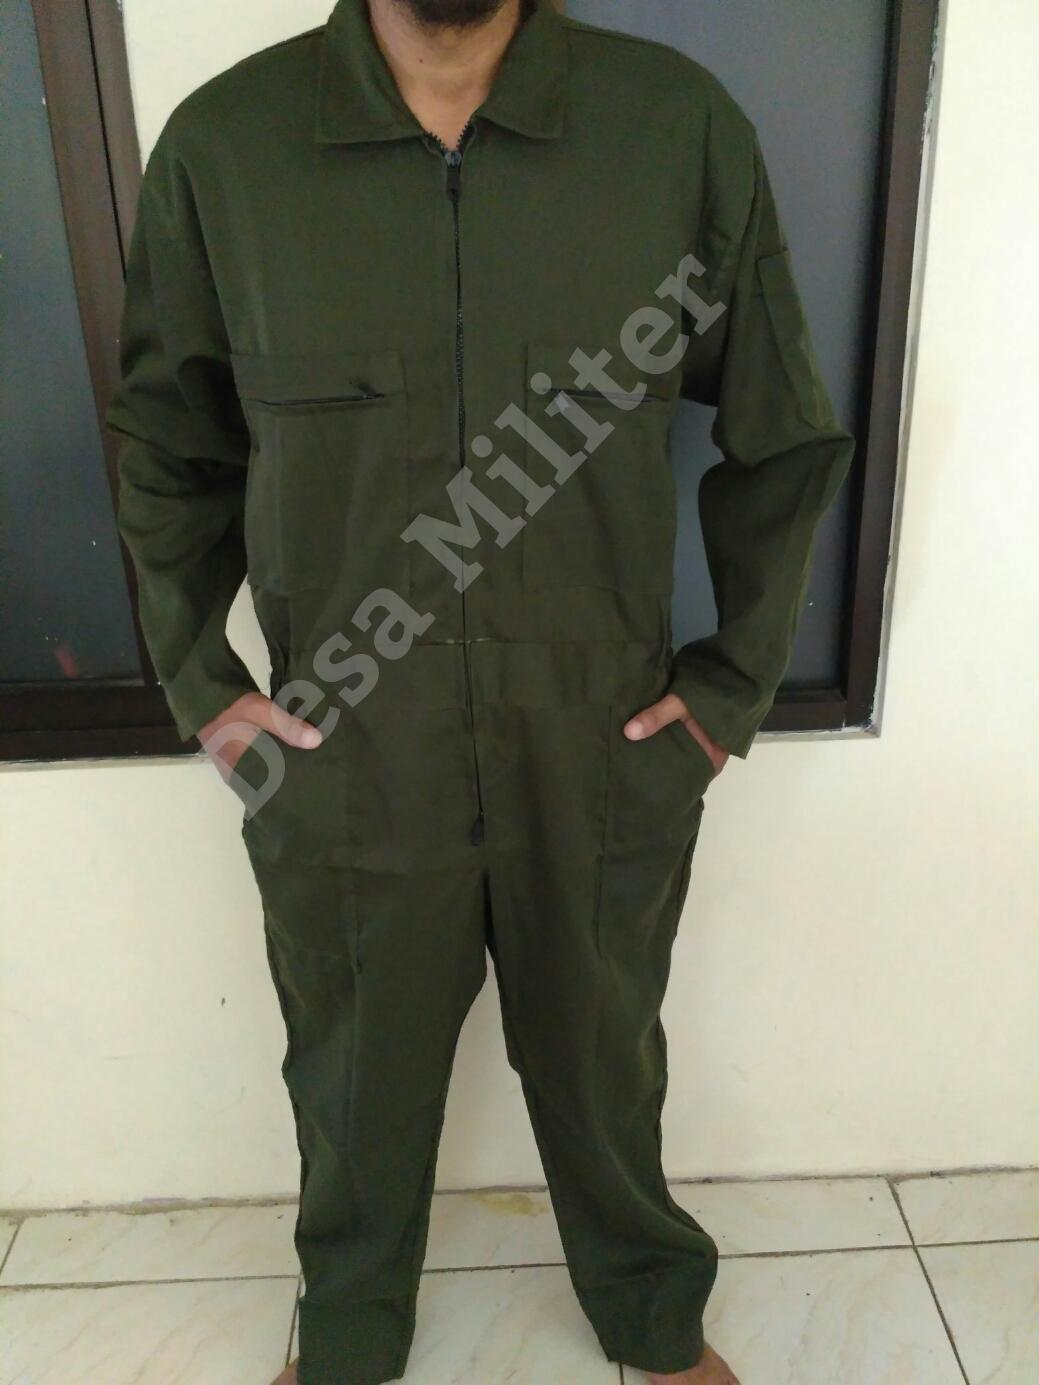 Wearpack Hijau Army - Katelpak - Overall - Seragam Safety - Seragam Bengkel - Baju Proyek - Kemeja Safety